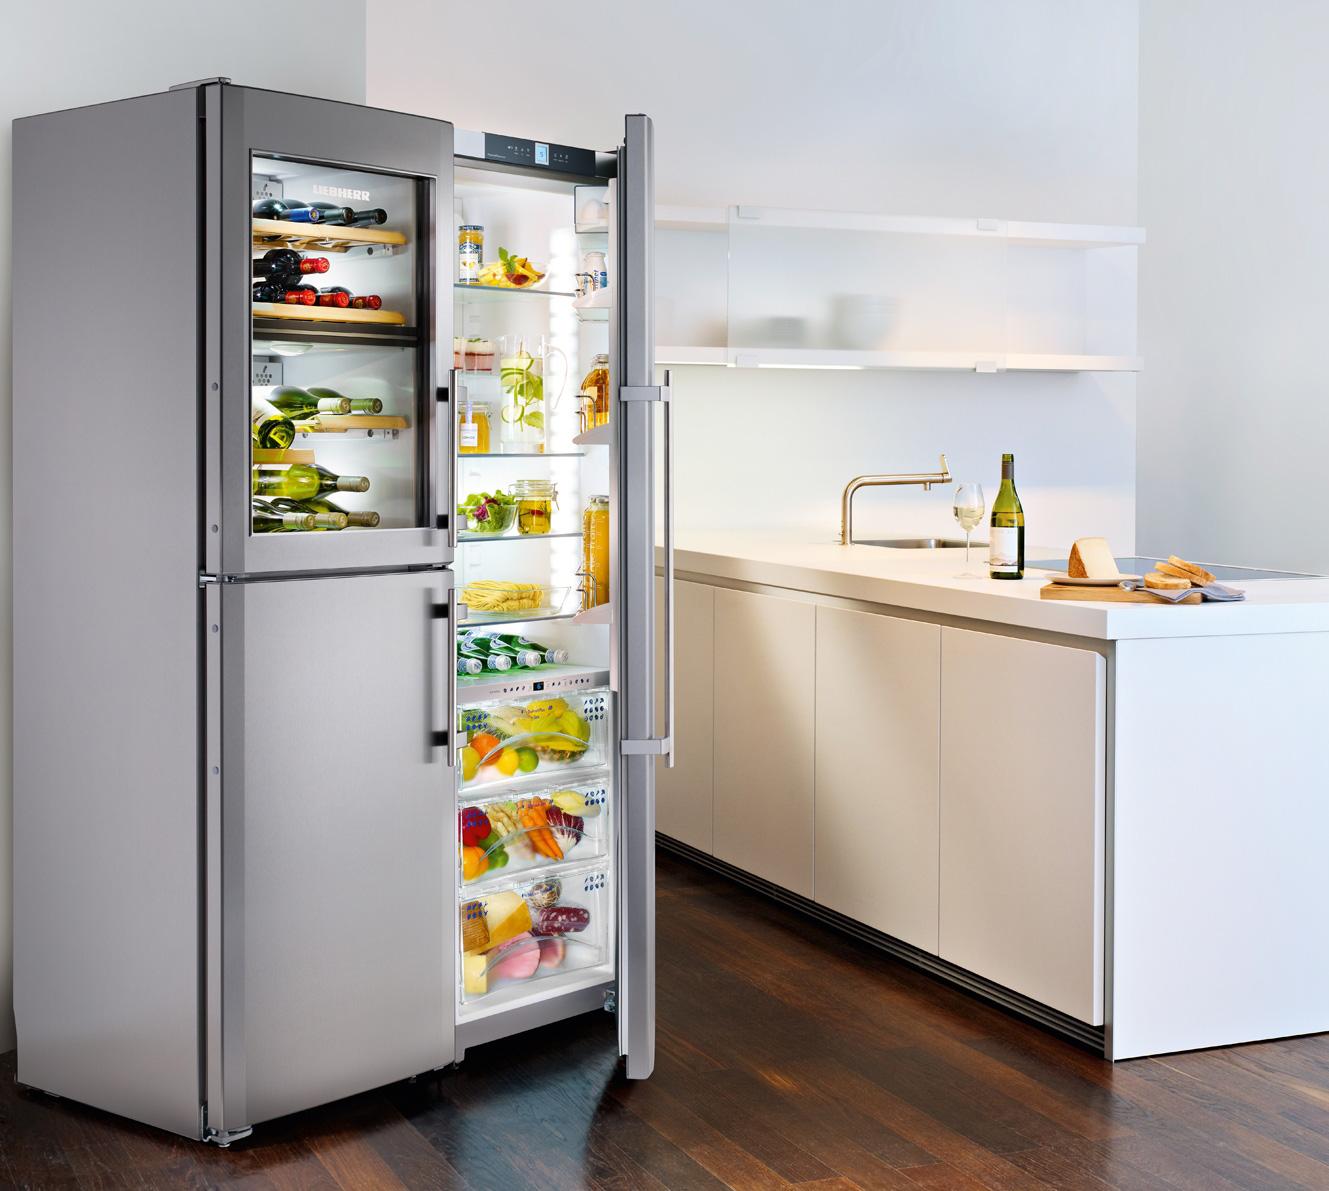 Réfrigérateur et cave à vins LIEBHERR